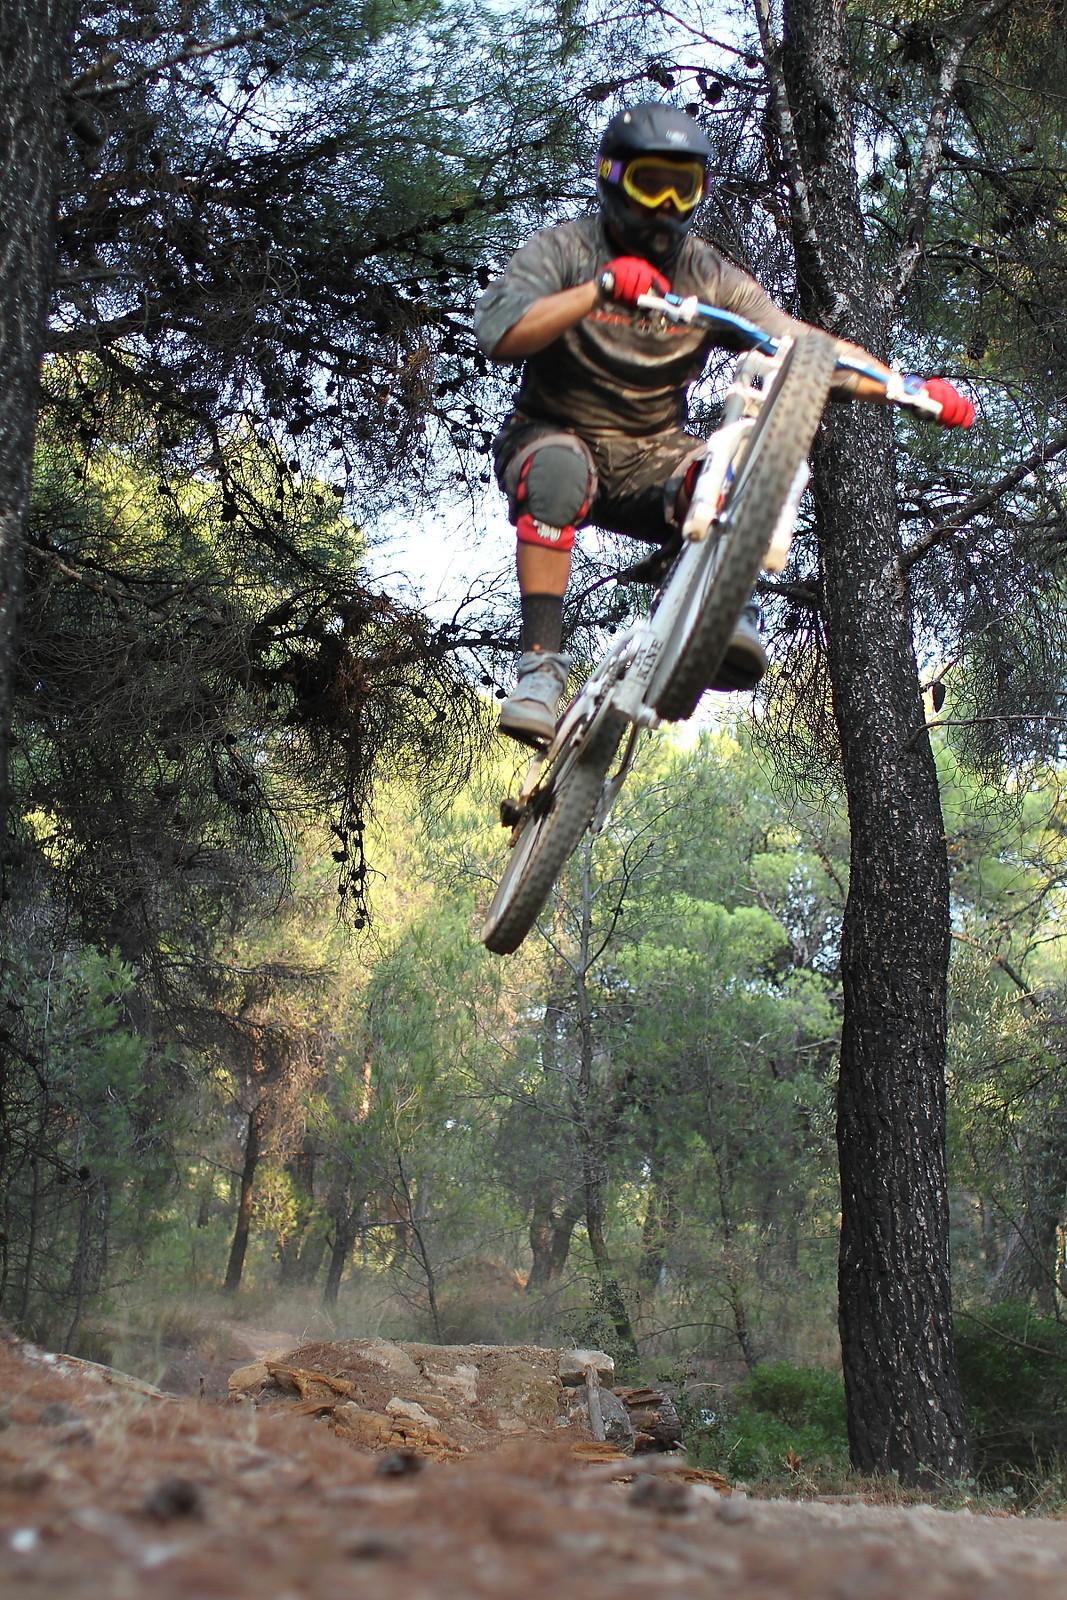 parnitha trail - Yohan.panou - Mountain Biking Pictures - Vital MTB